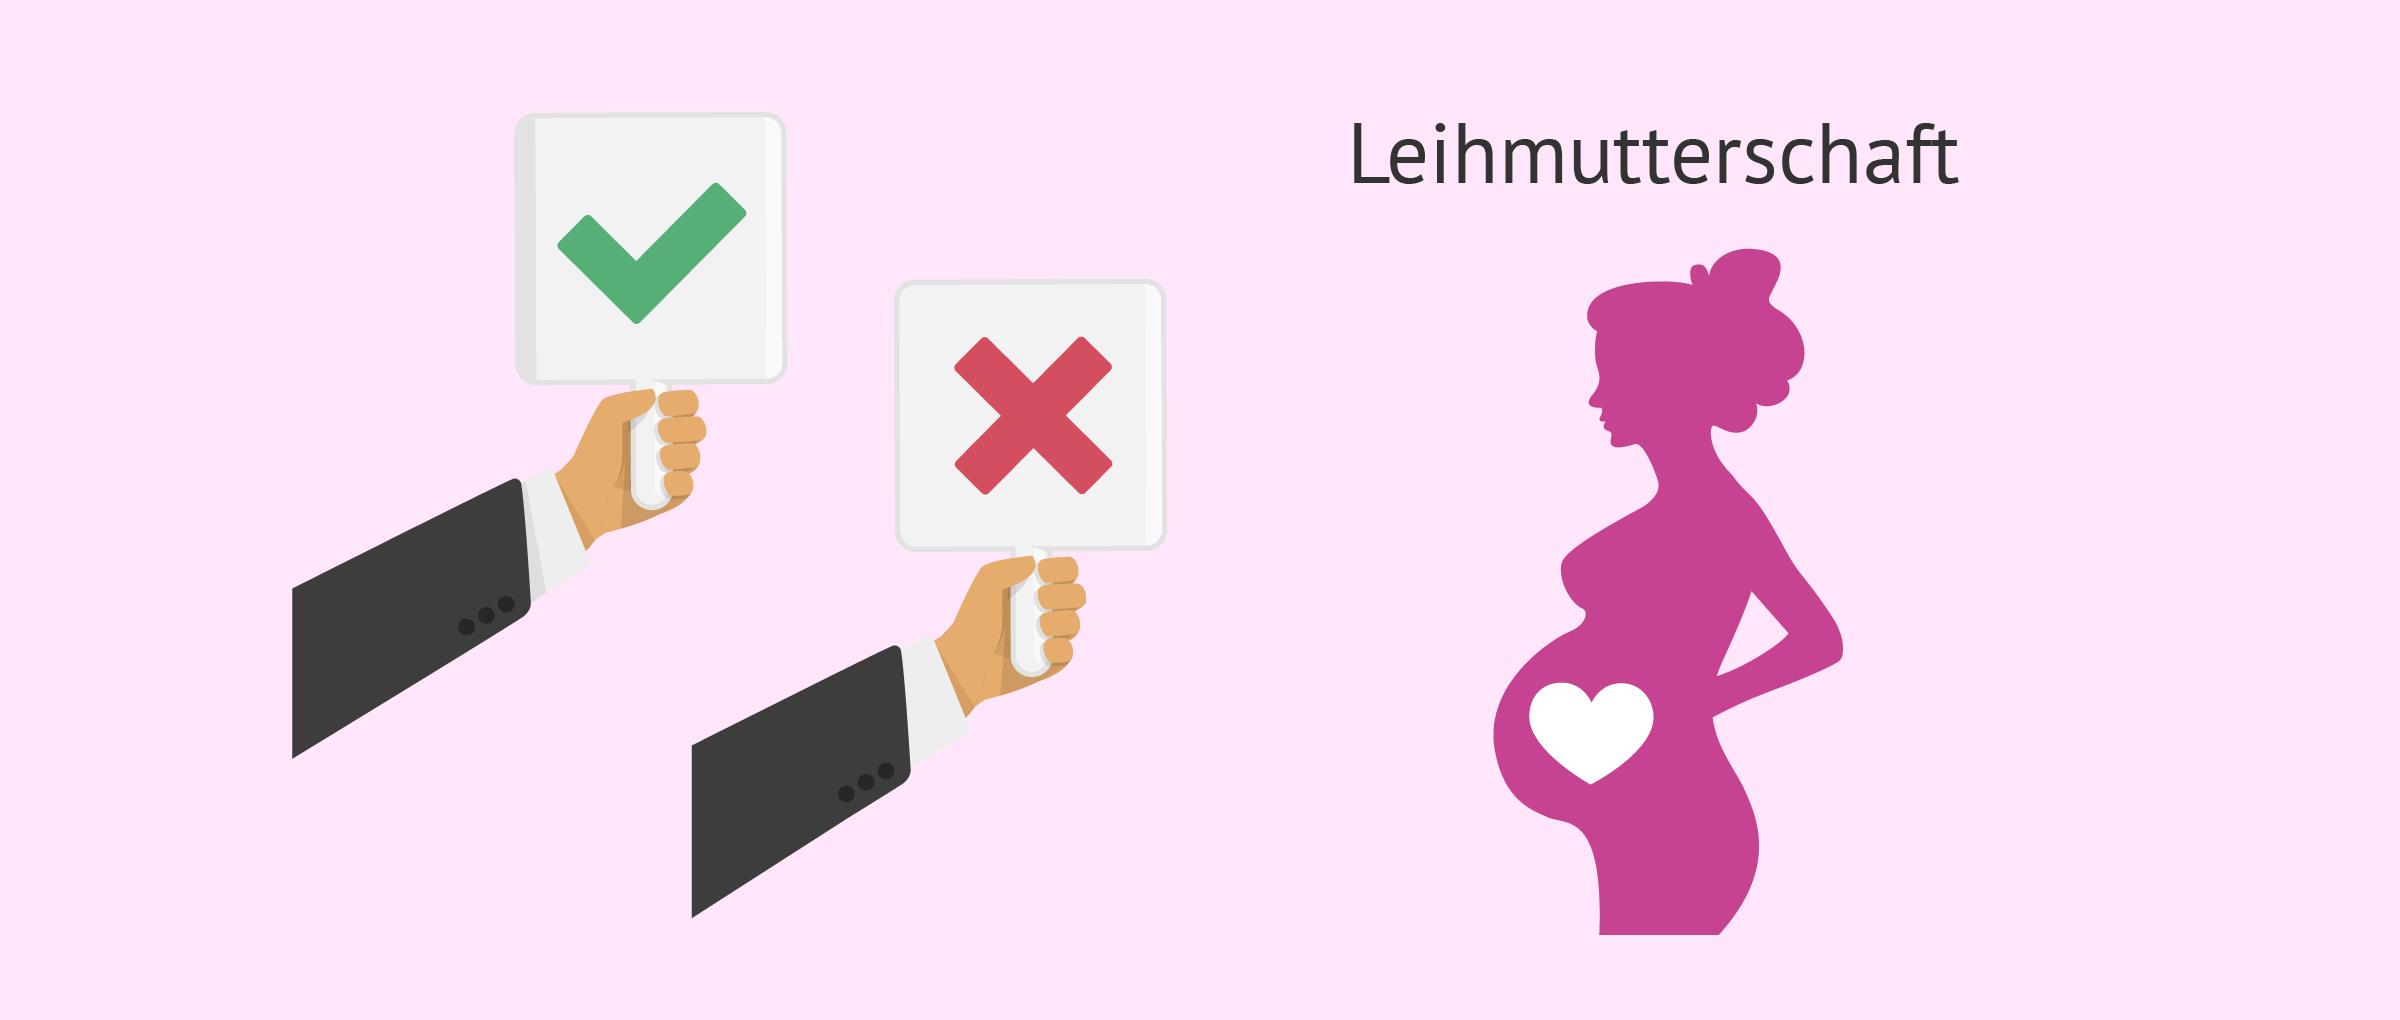 Für und gegen Leihmutterschaft